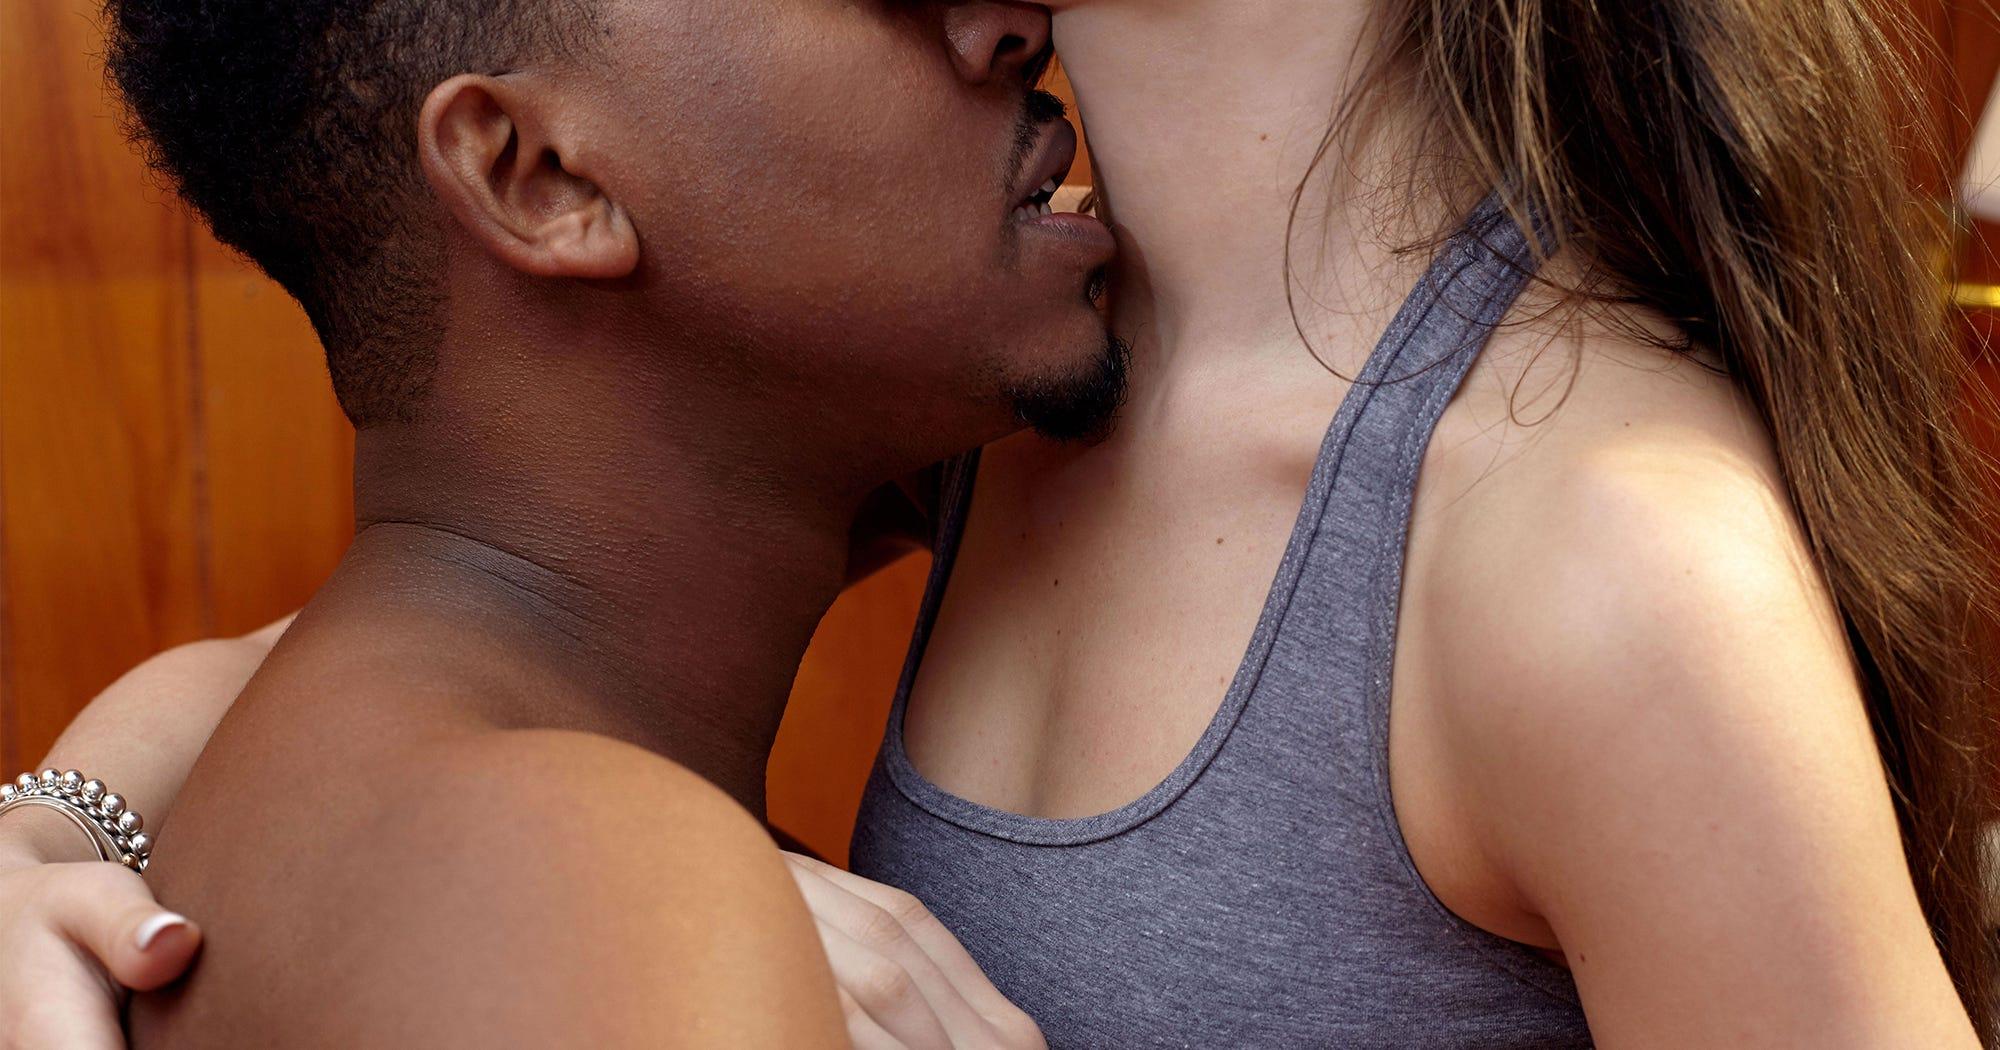 Feministische Pornos